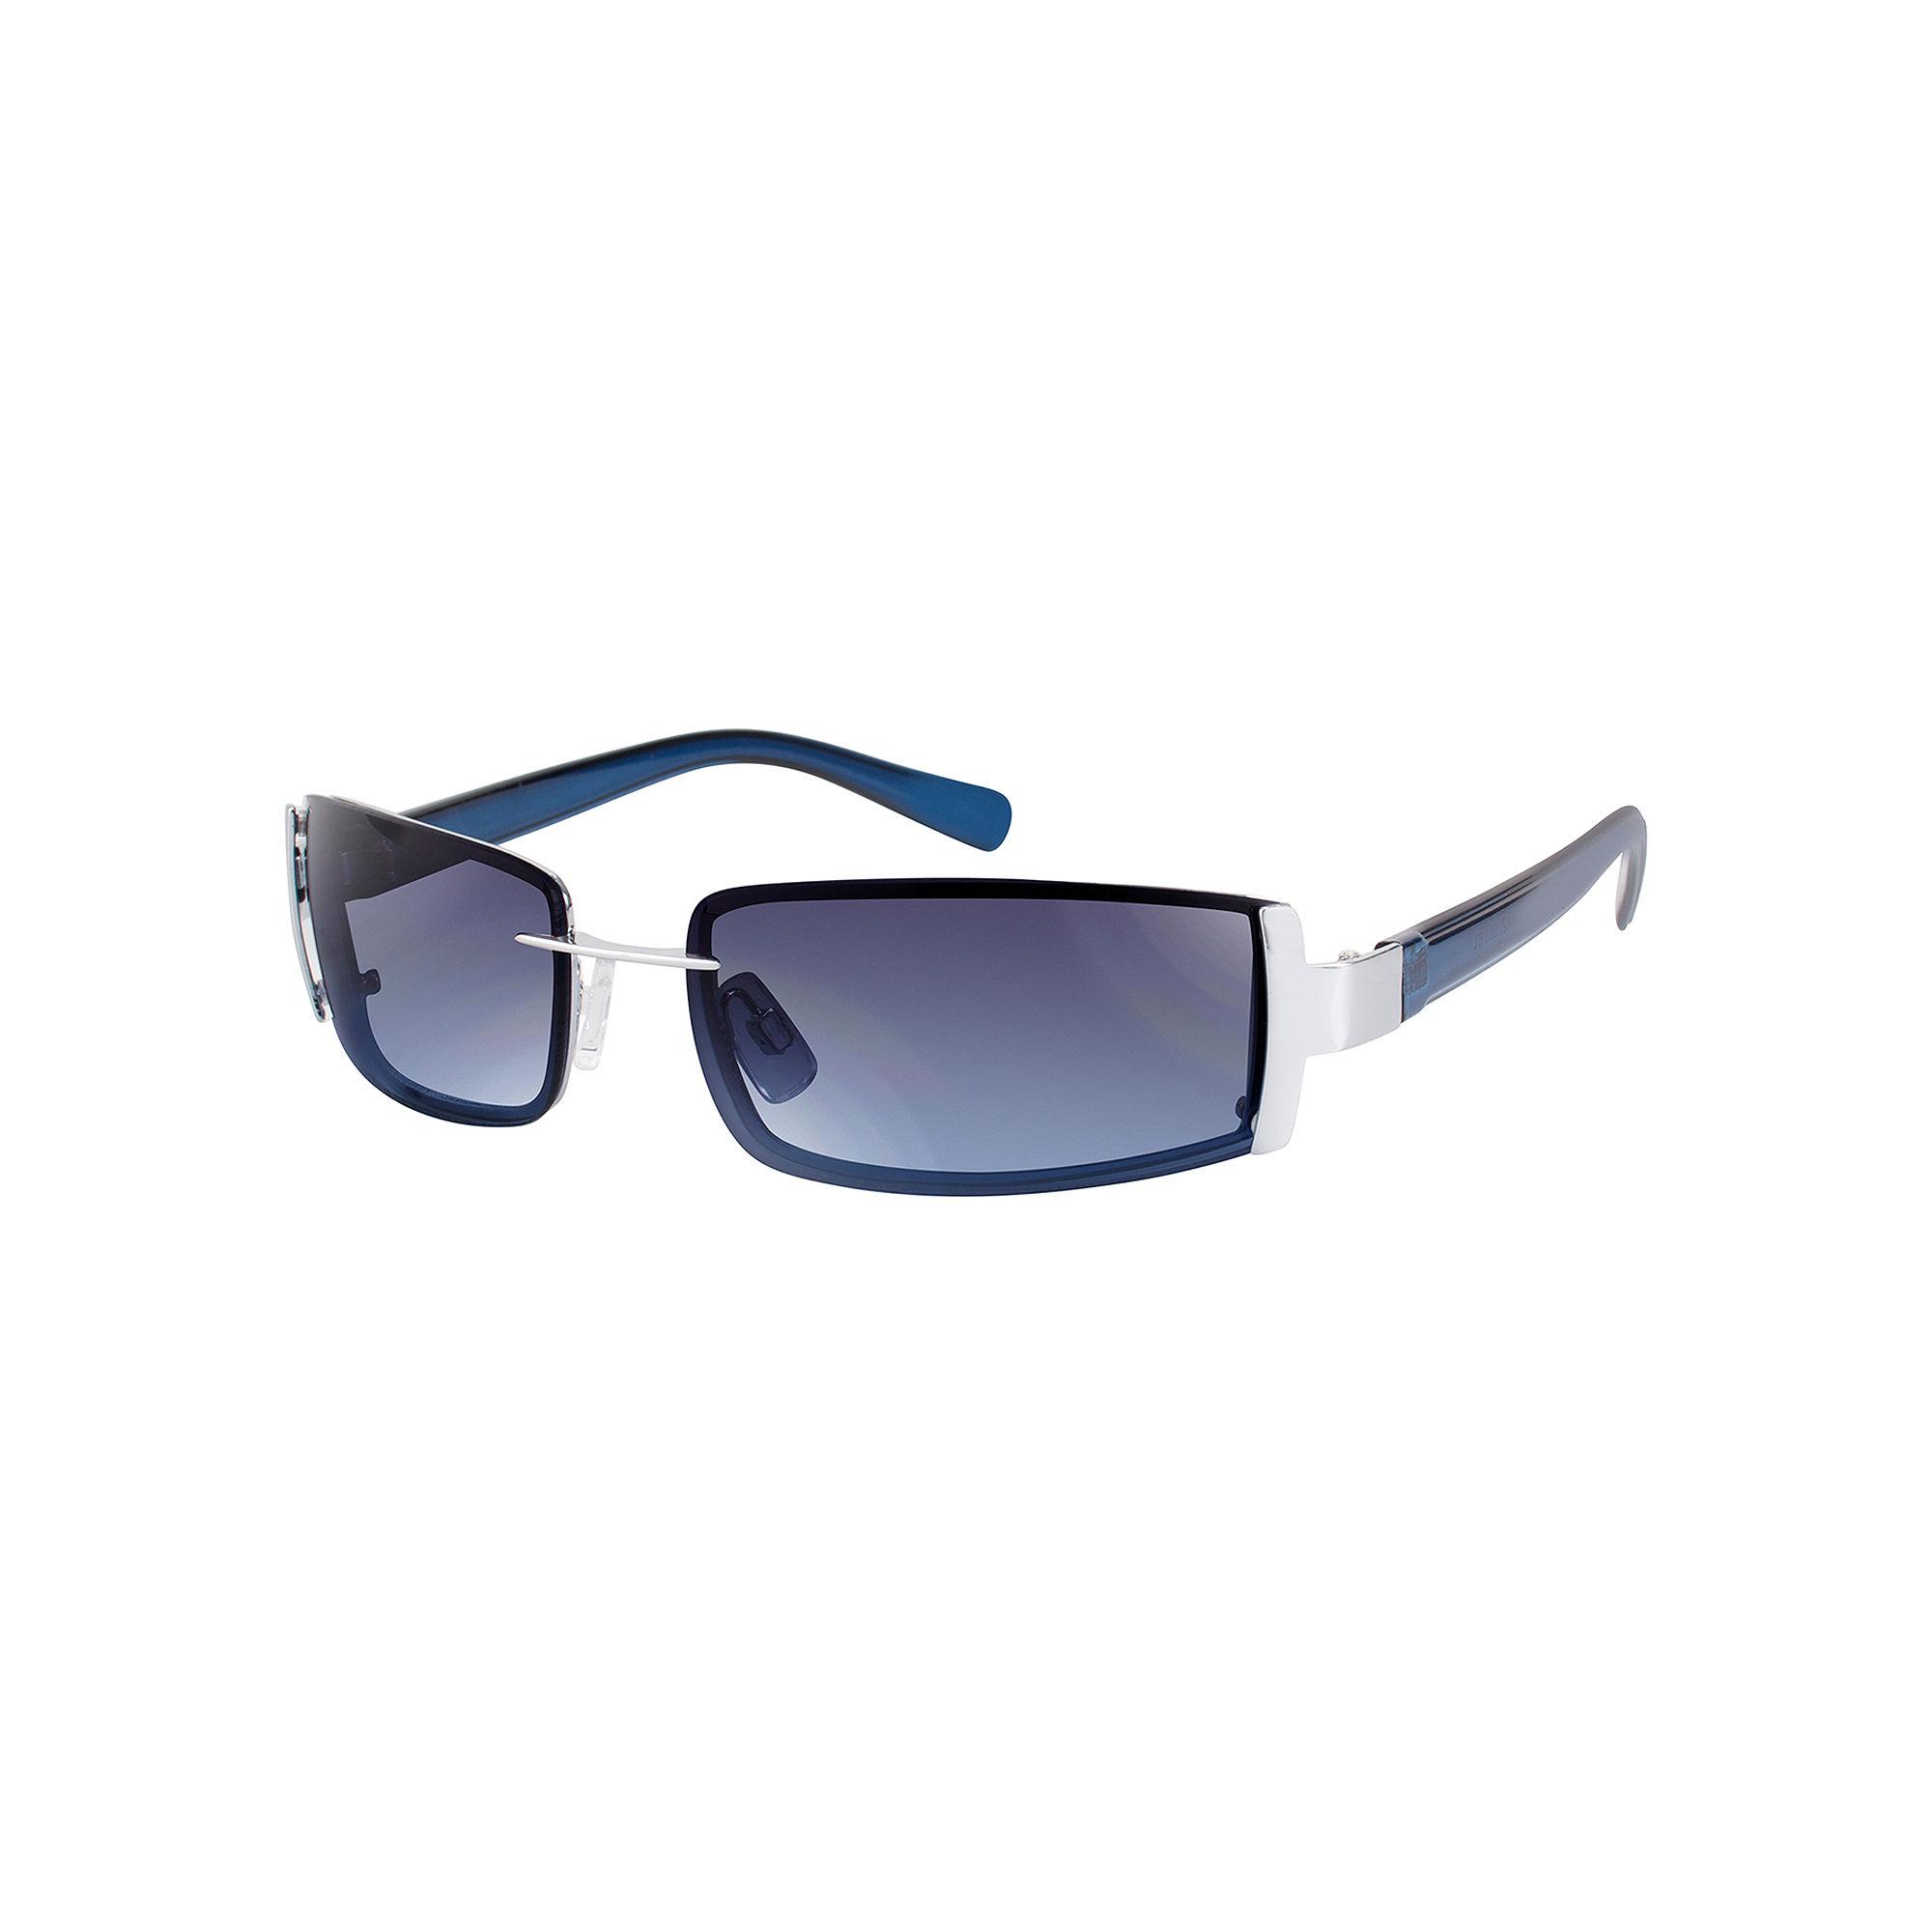 Arizona Silver Semi-Rimless Sunglasses